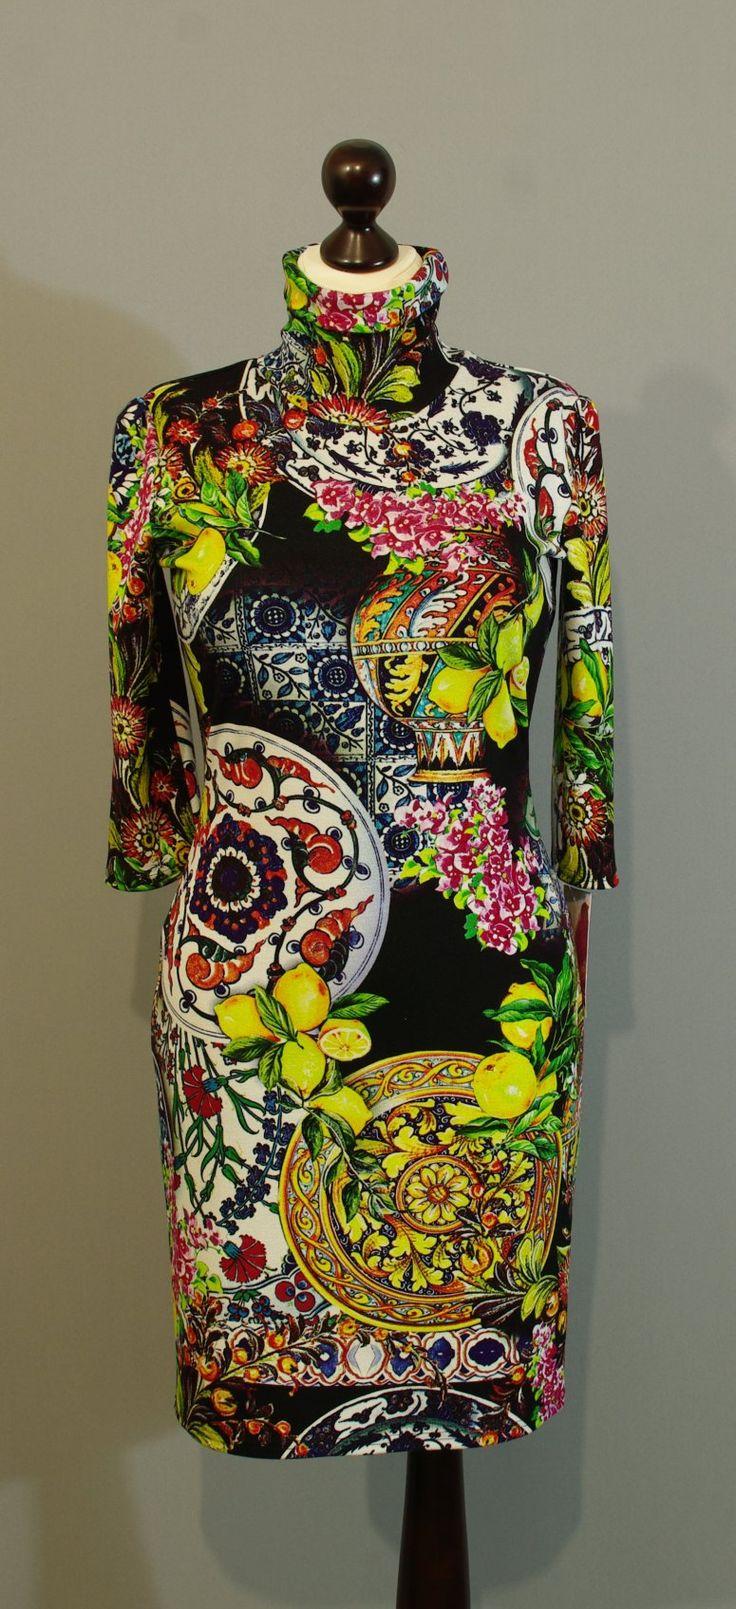 Черно-лимонное платье купить интернет-магазин Украина (22)